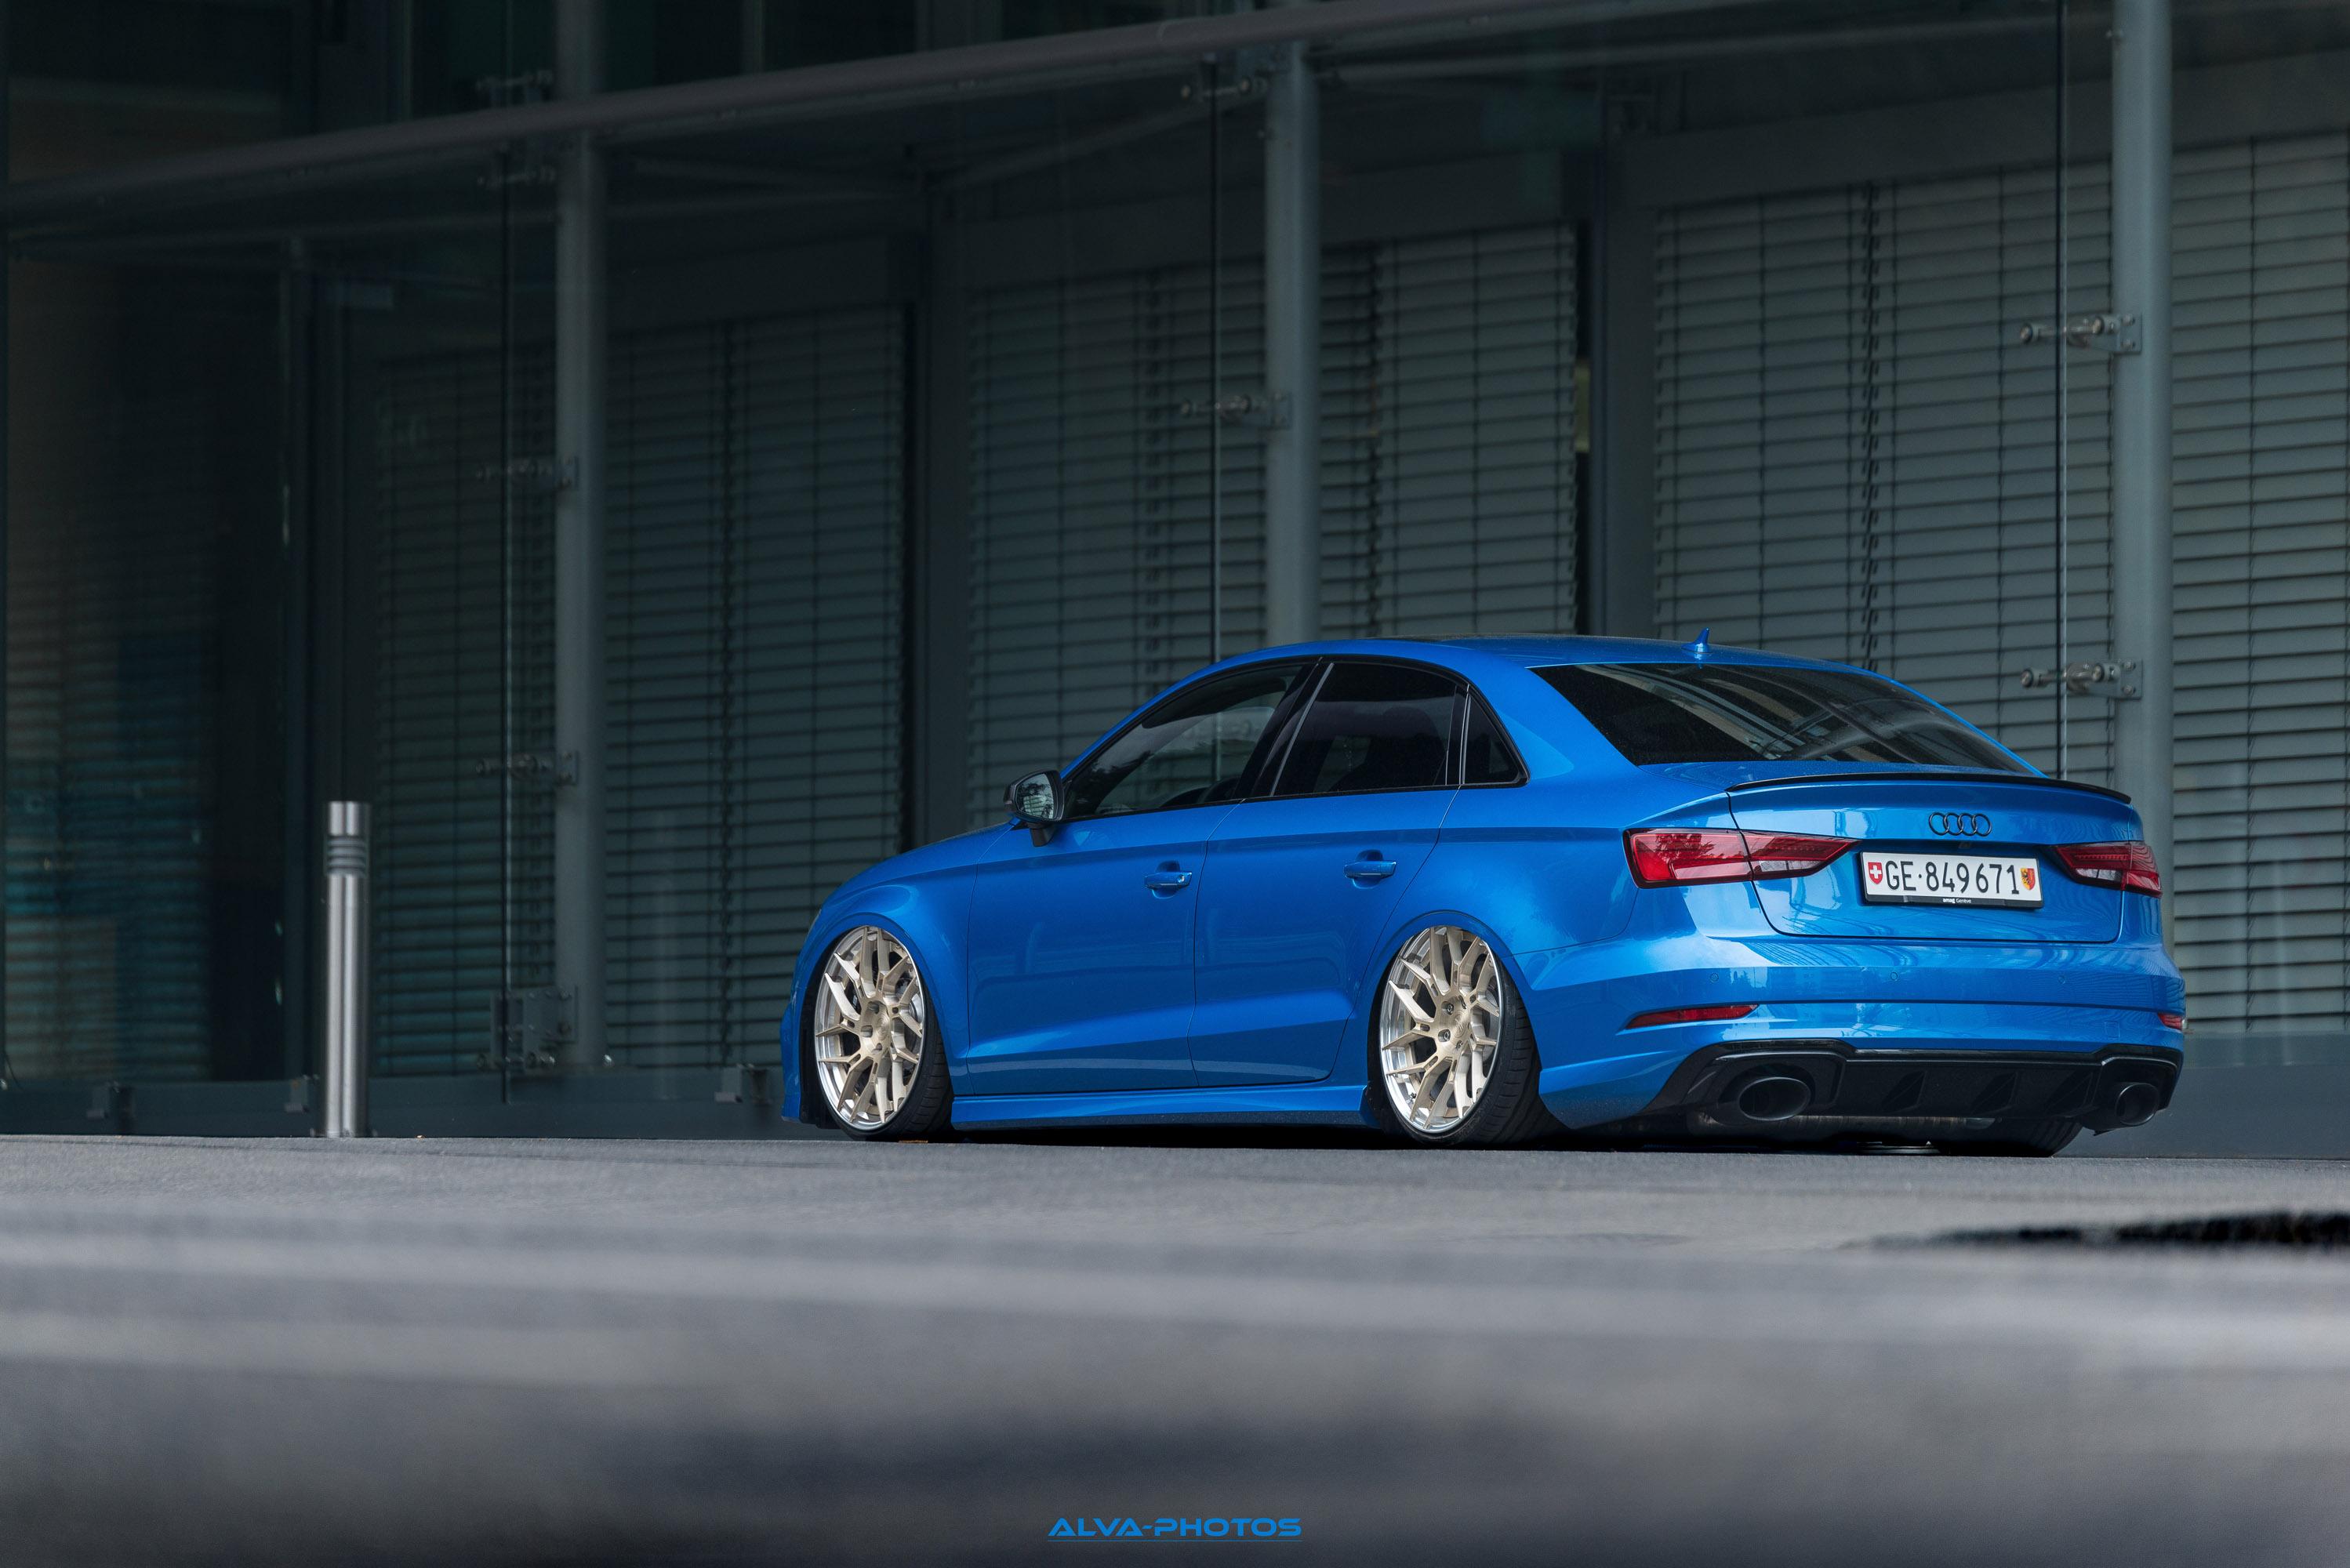 Кроме того, общая высота Audi была уменьшена, что способствует лучшей устойчивости на дороге и треке.